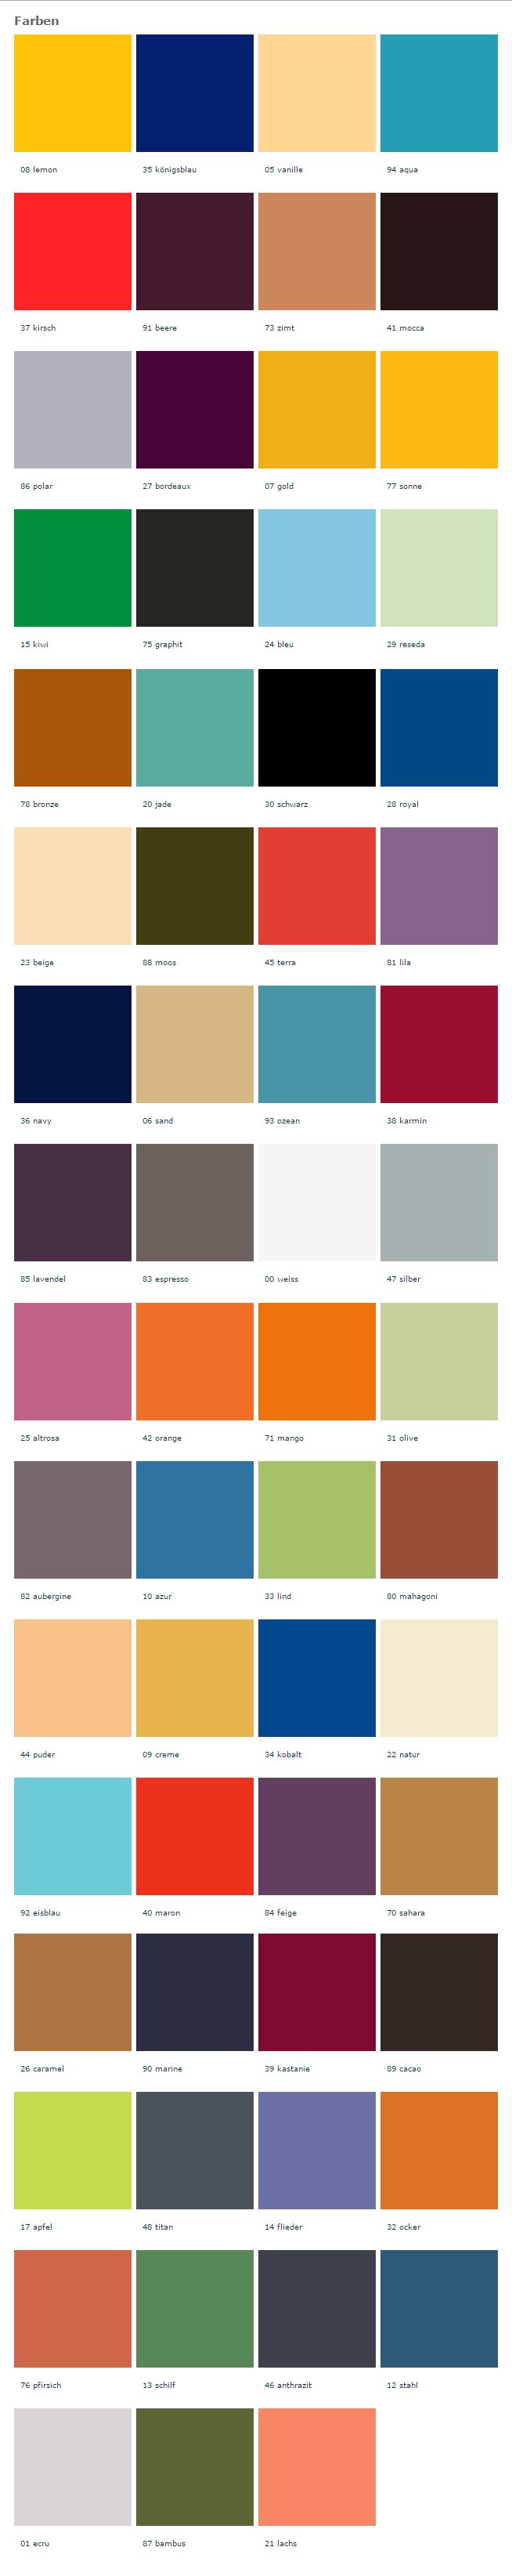 Farbkarte für Keilkissenbezüge